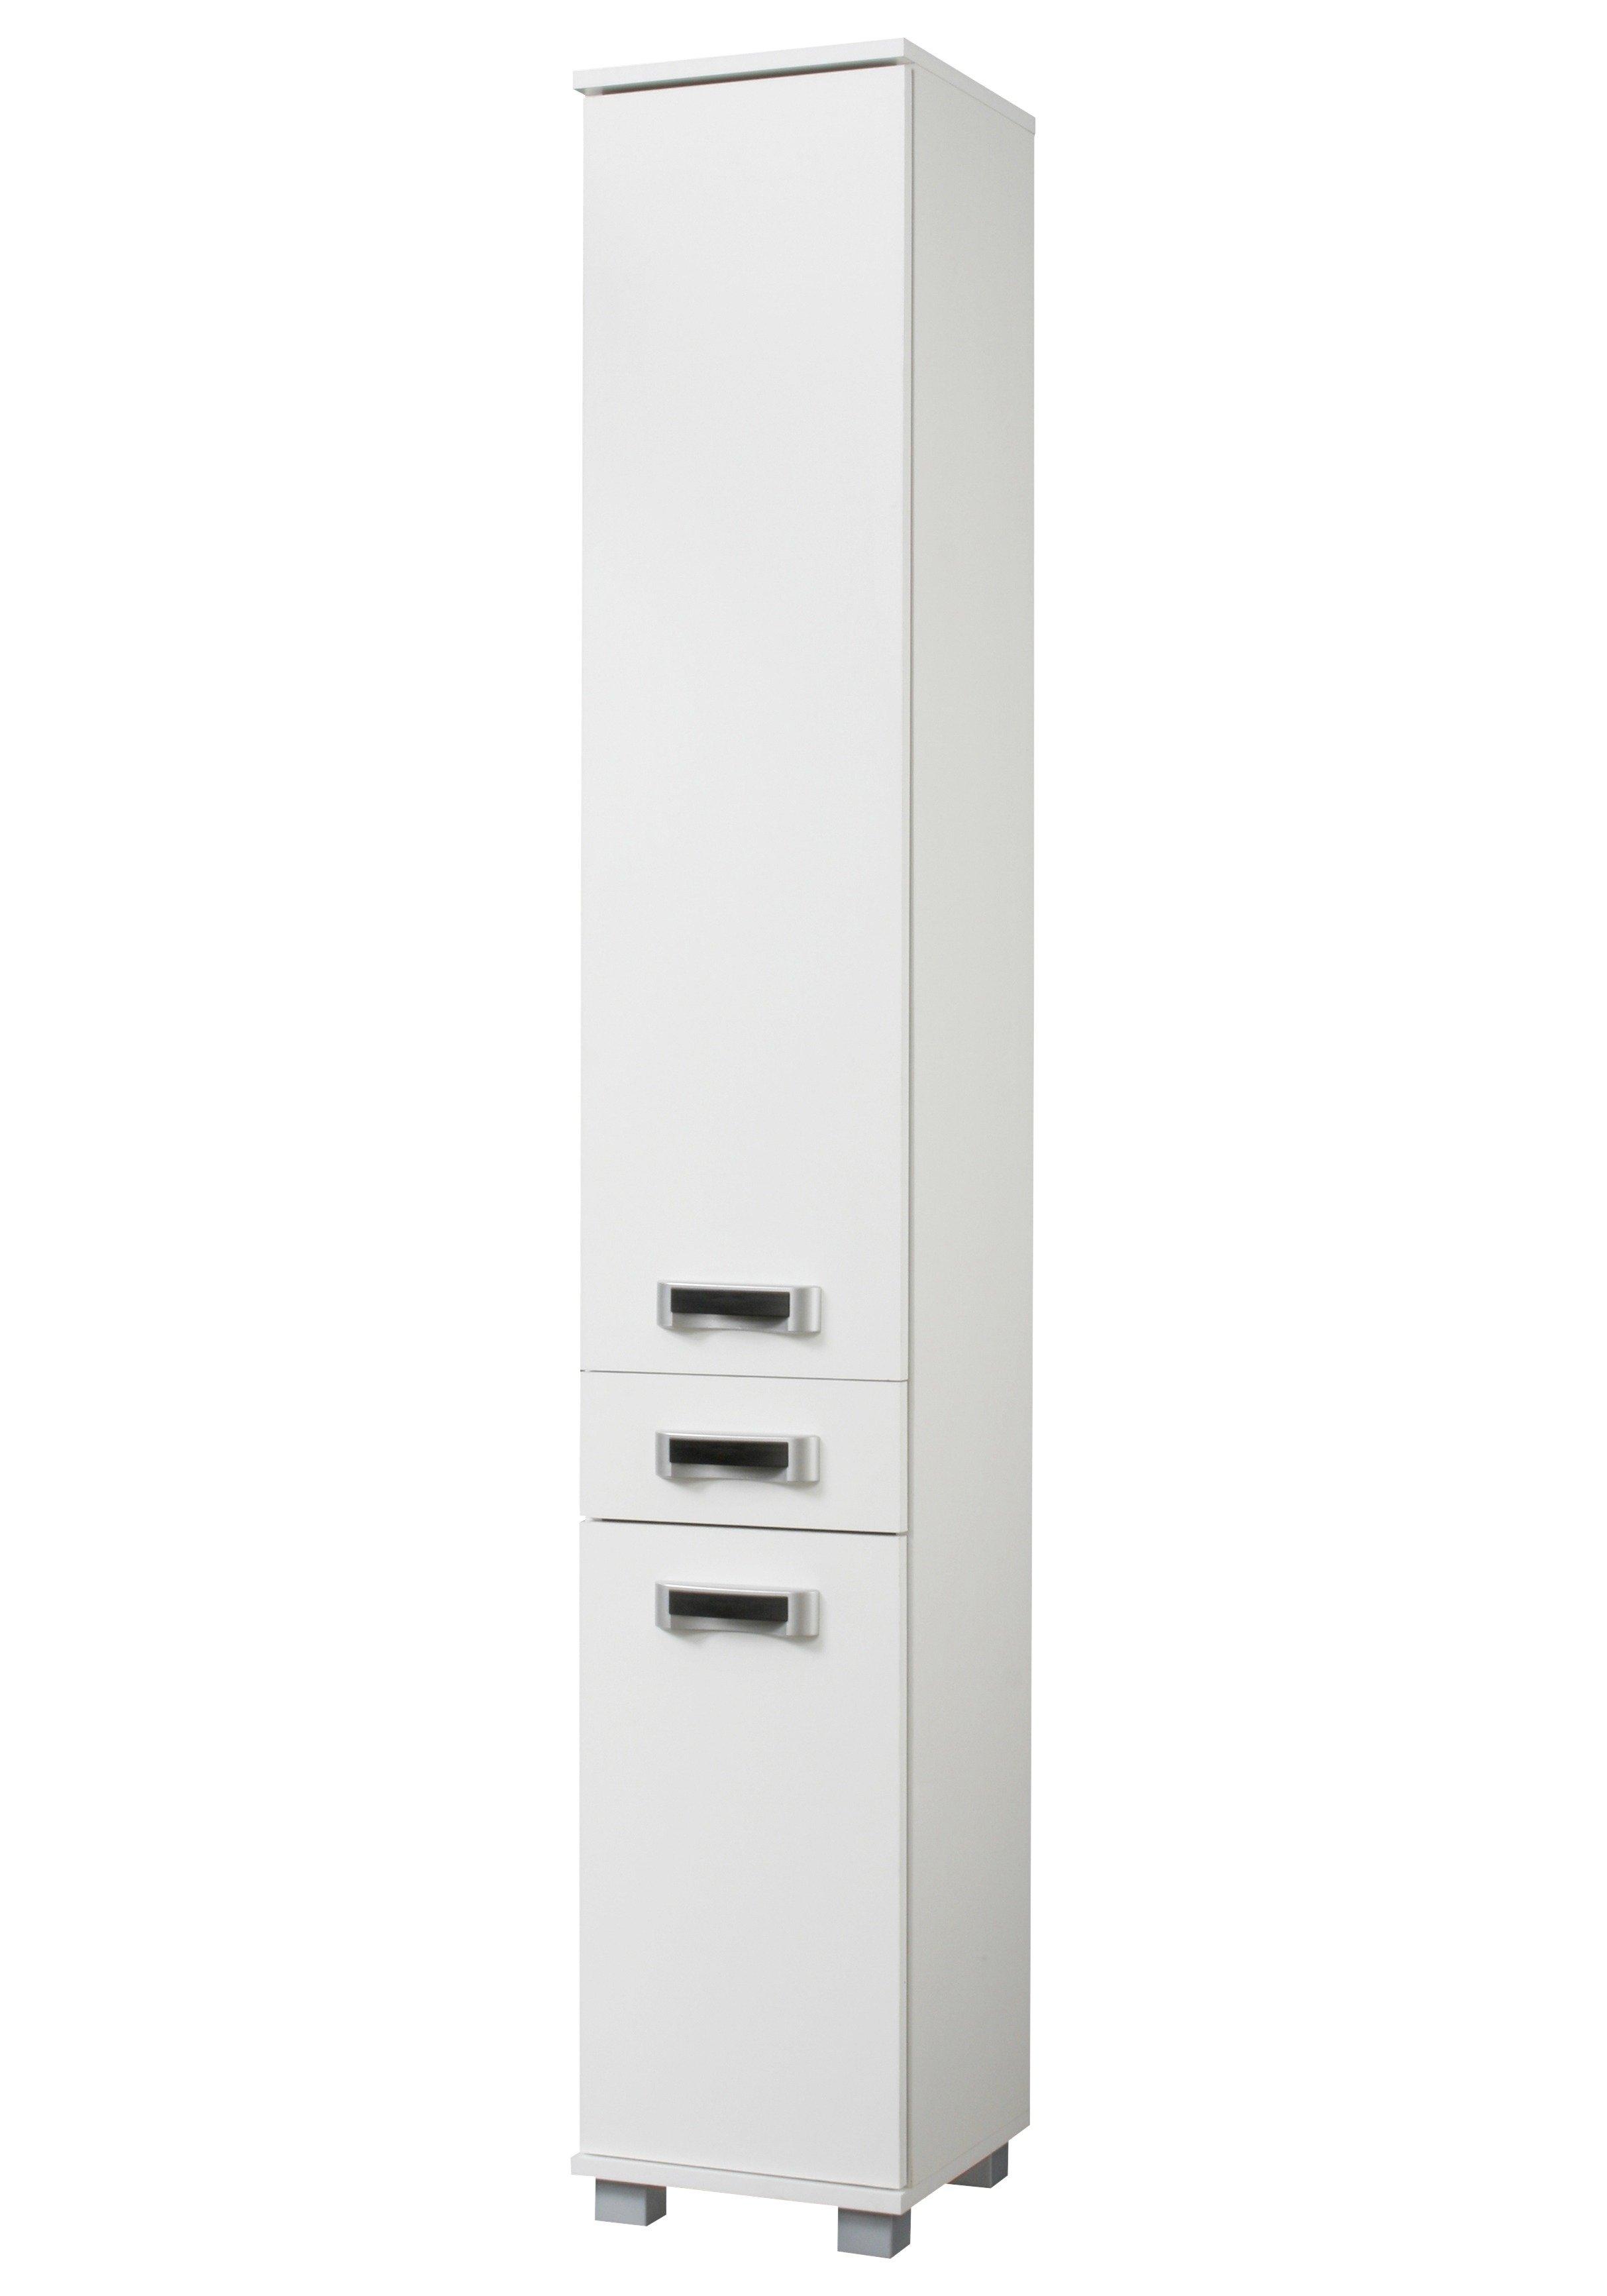 Hoge kast badkamer online kopen bekijk nu onze collectie for Ladeblok 40 cm breed